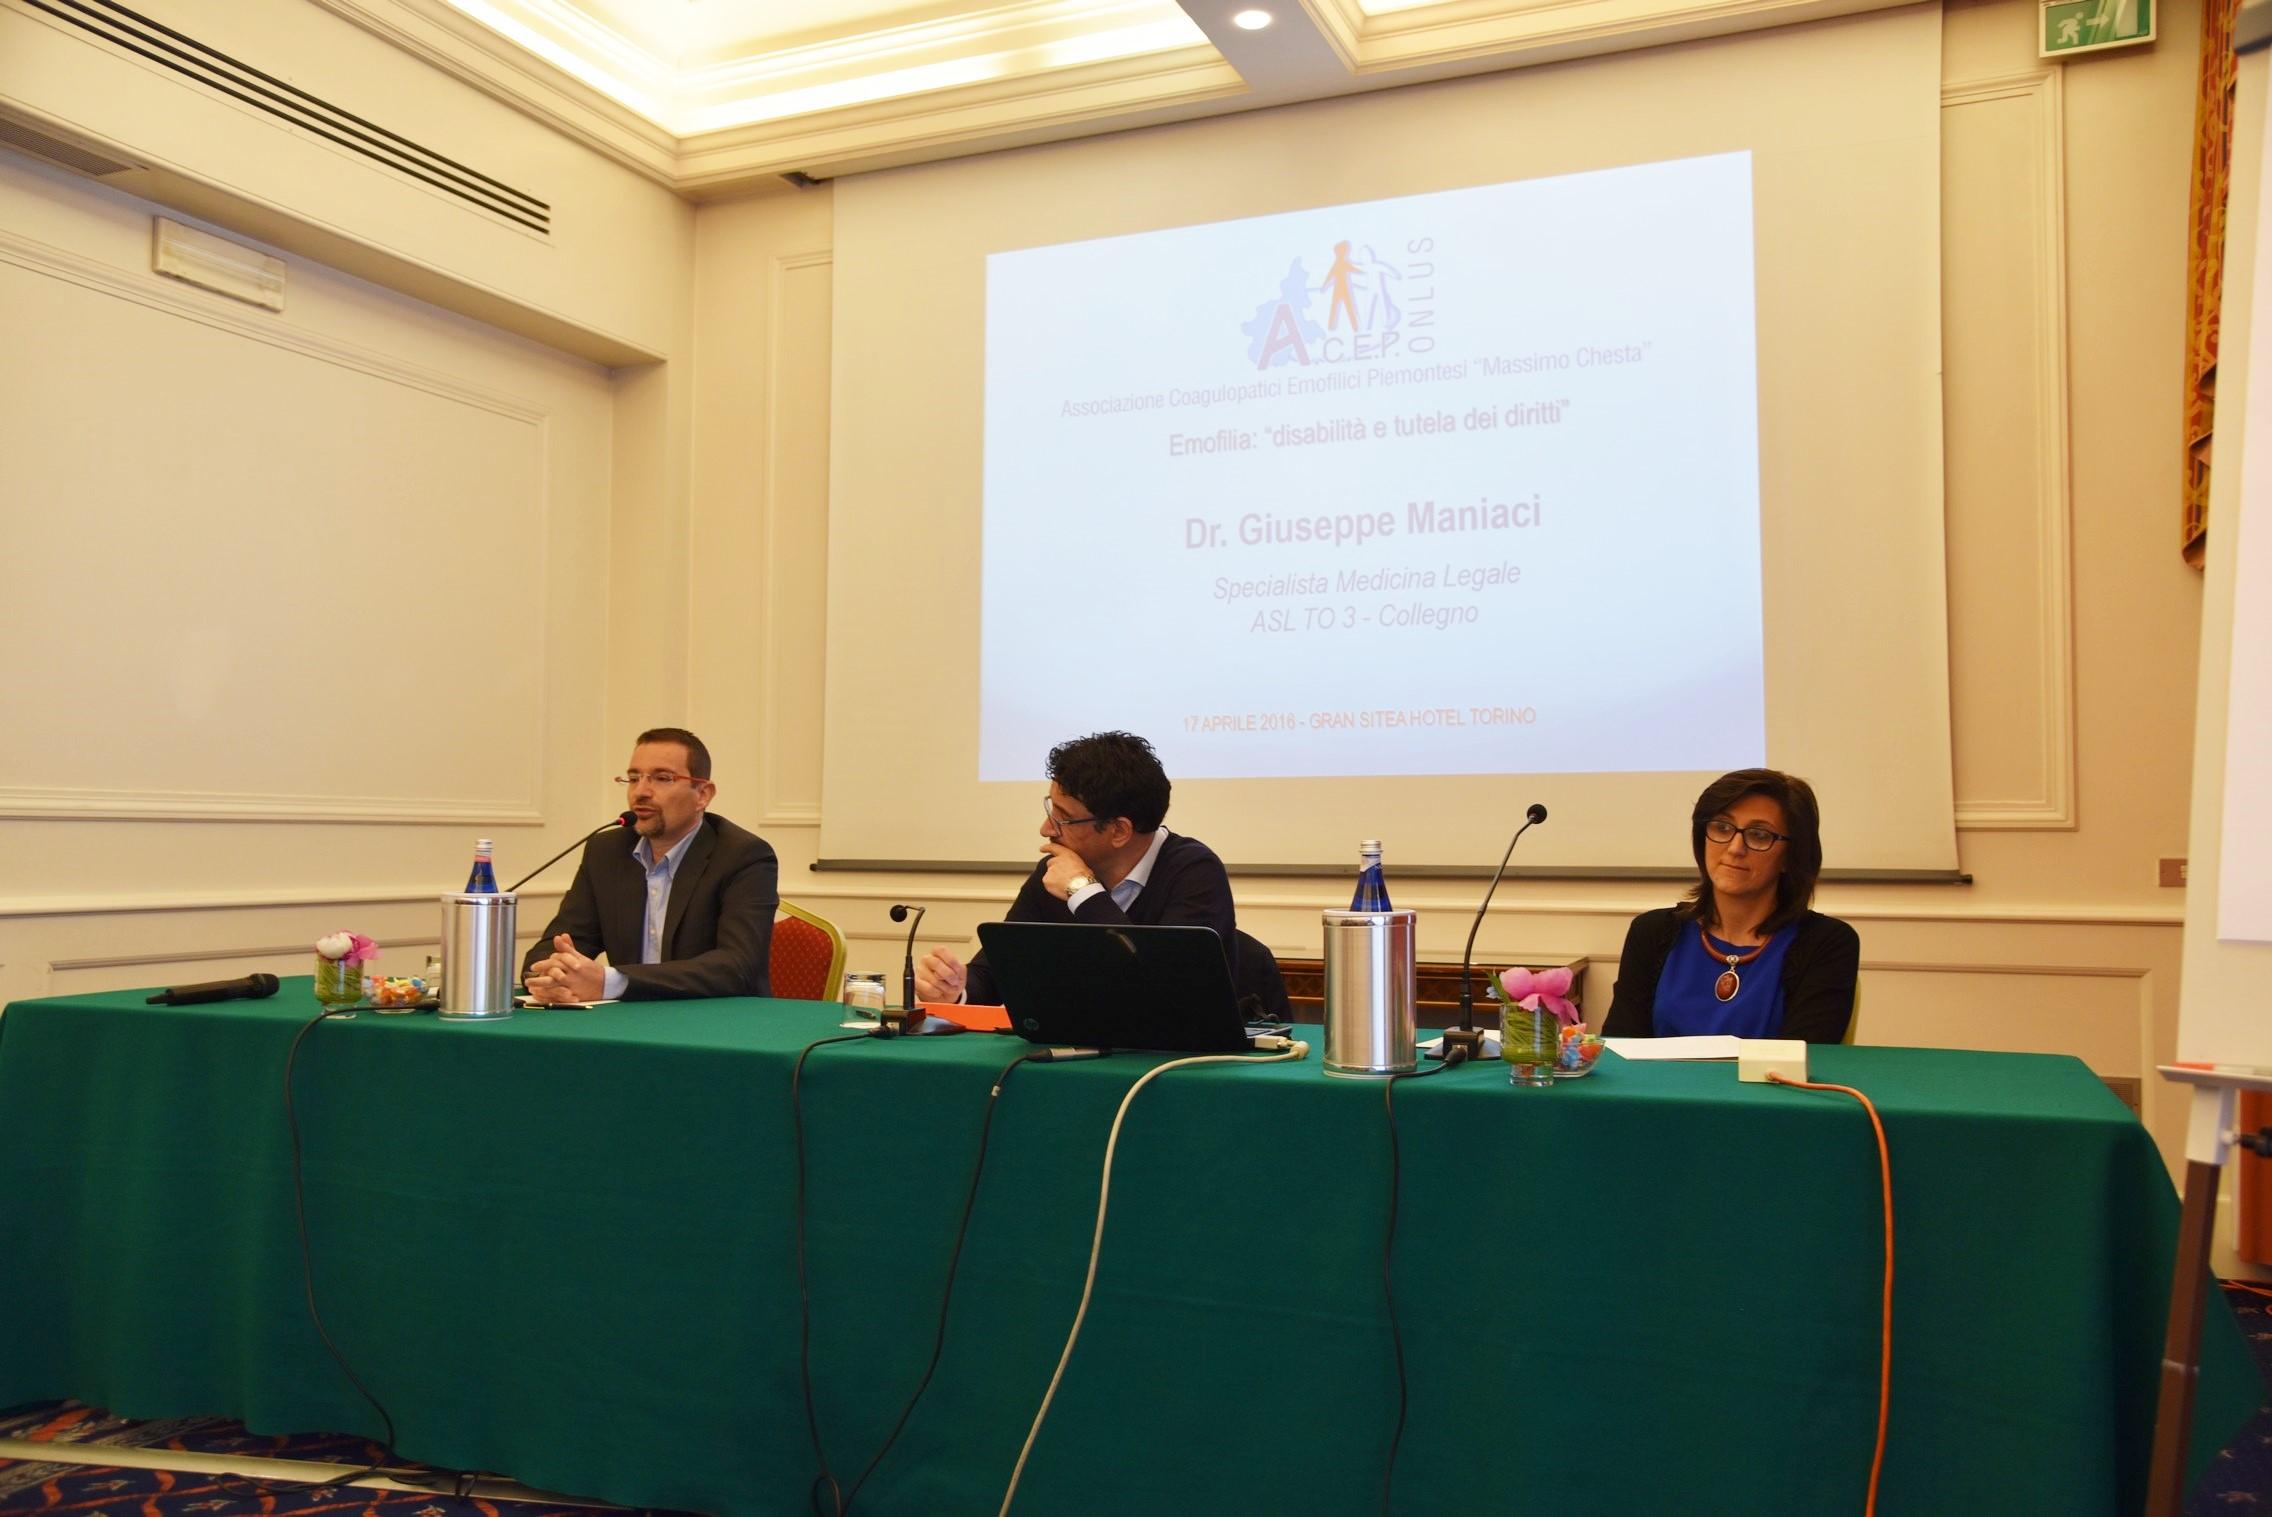 Il Dottor Giuseppe Maniaci - Medico Legale, Alberto Garnero - Presidente dell'ACEP, Elena Gaiani-Vice Presidente dell'ACEP